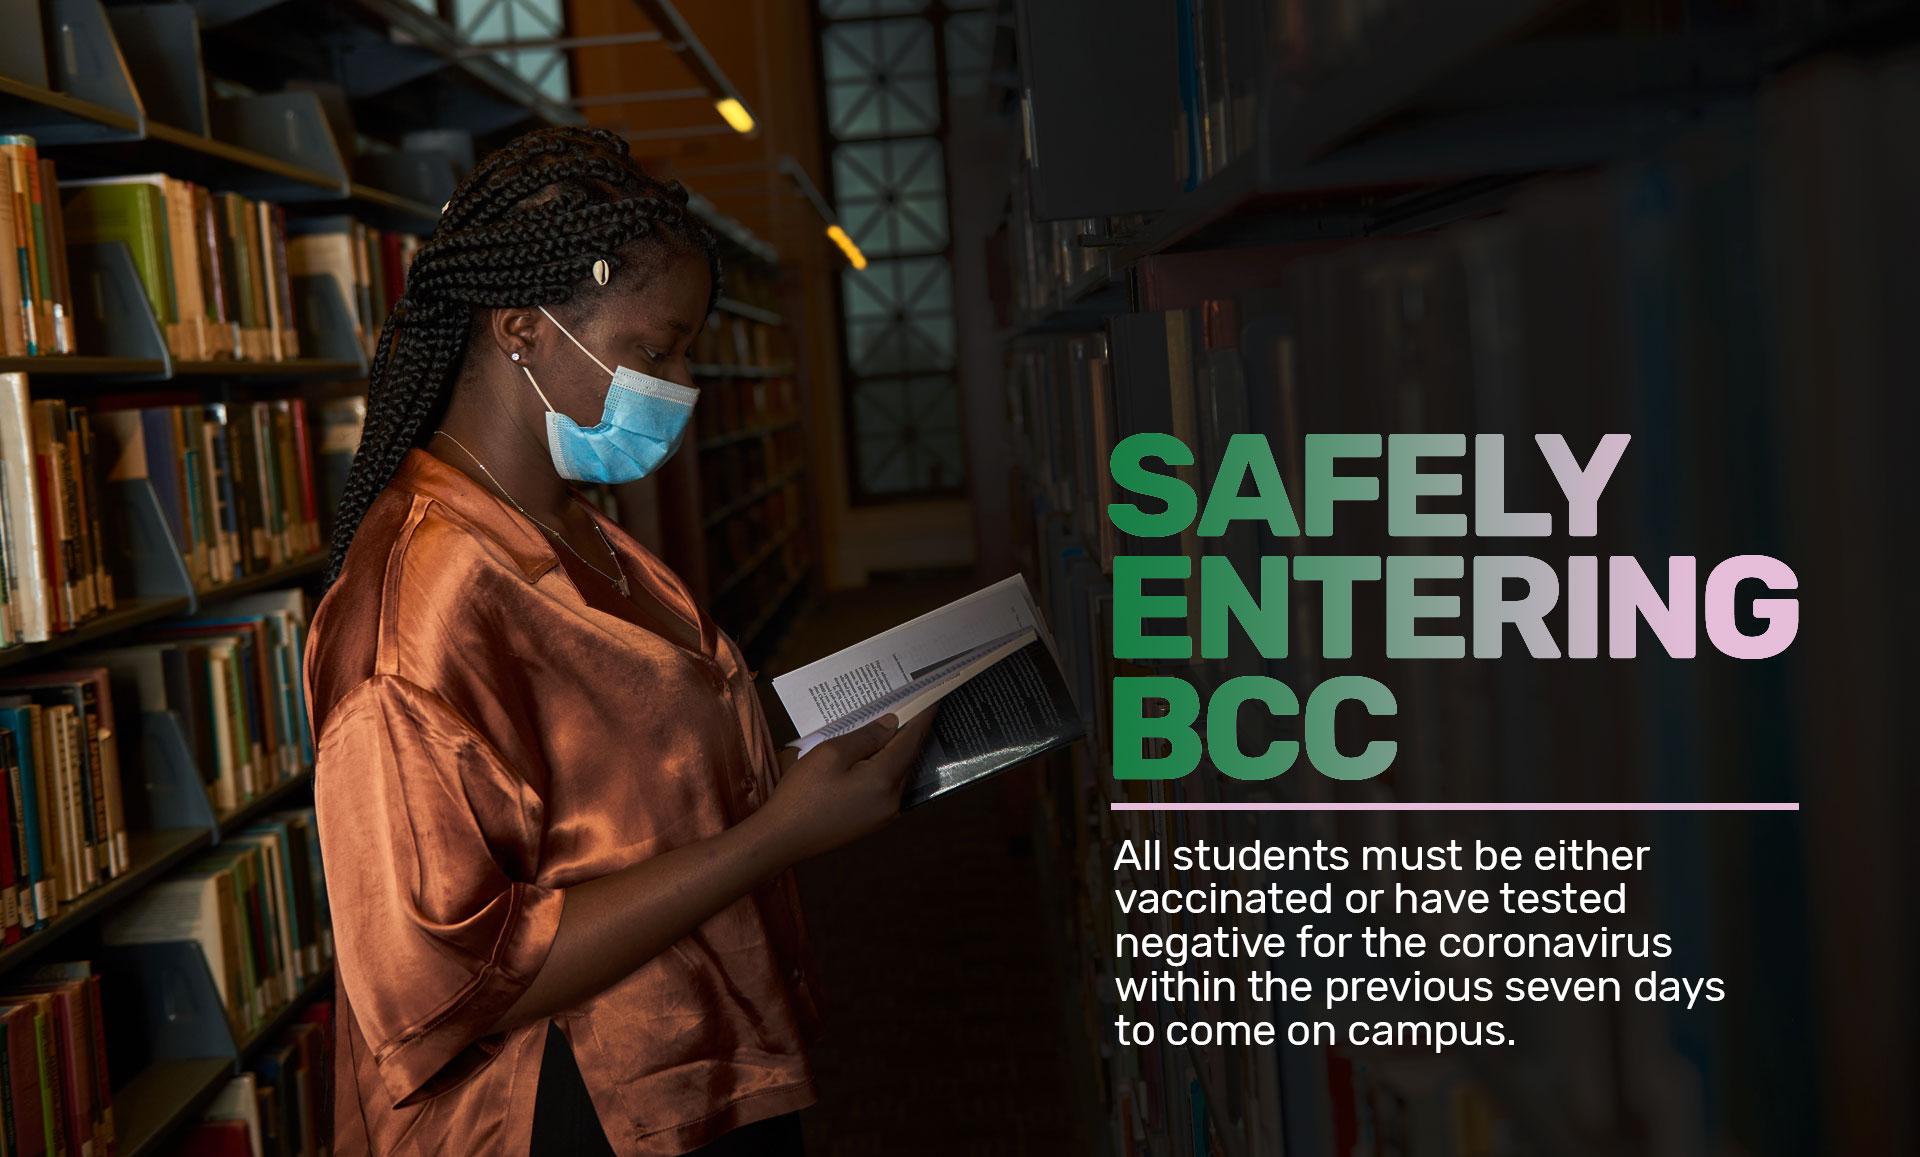 Safely Entering BCC